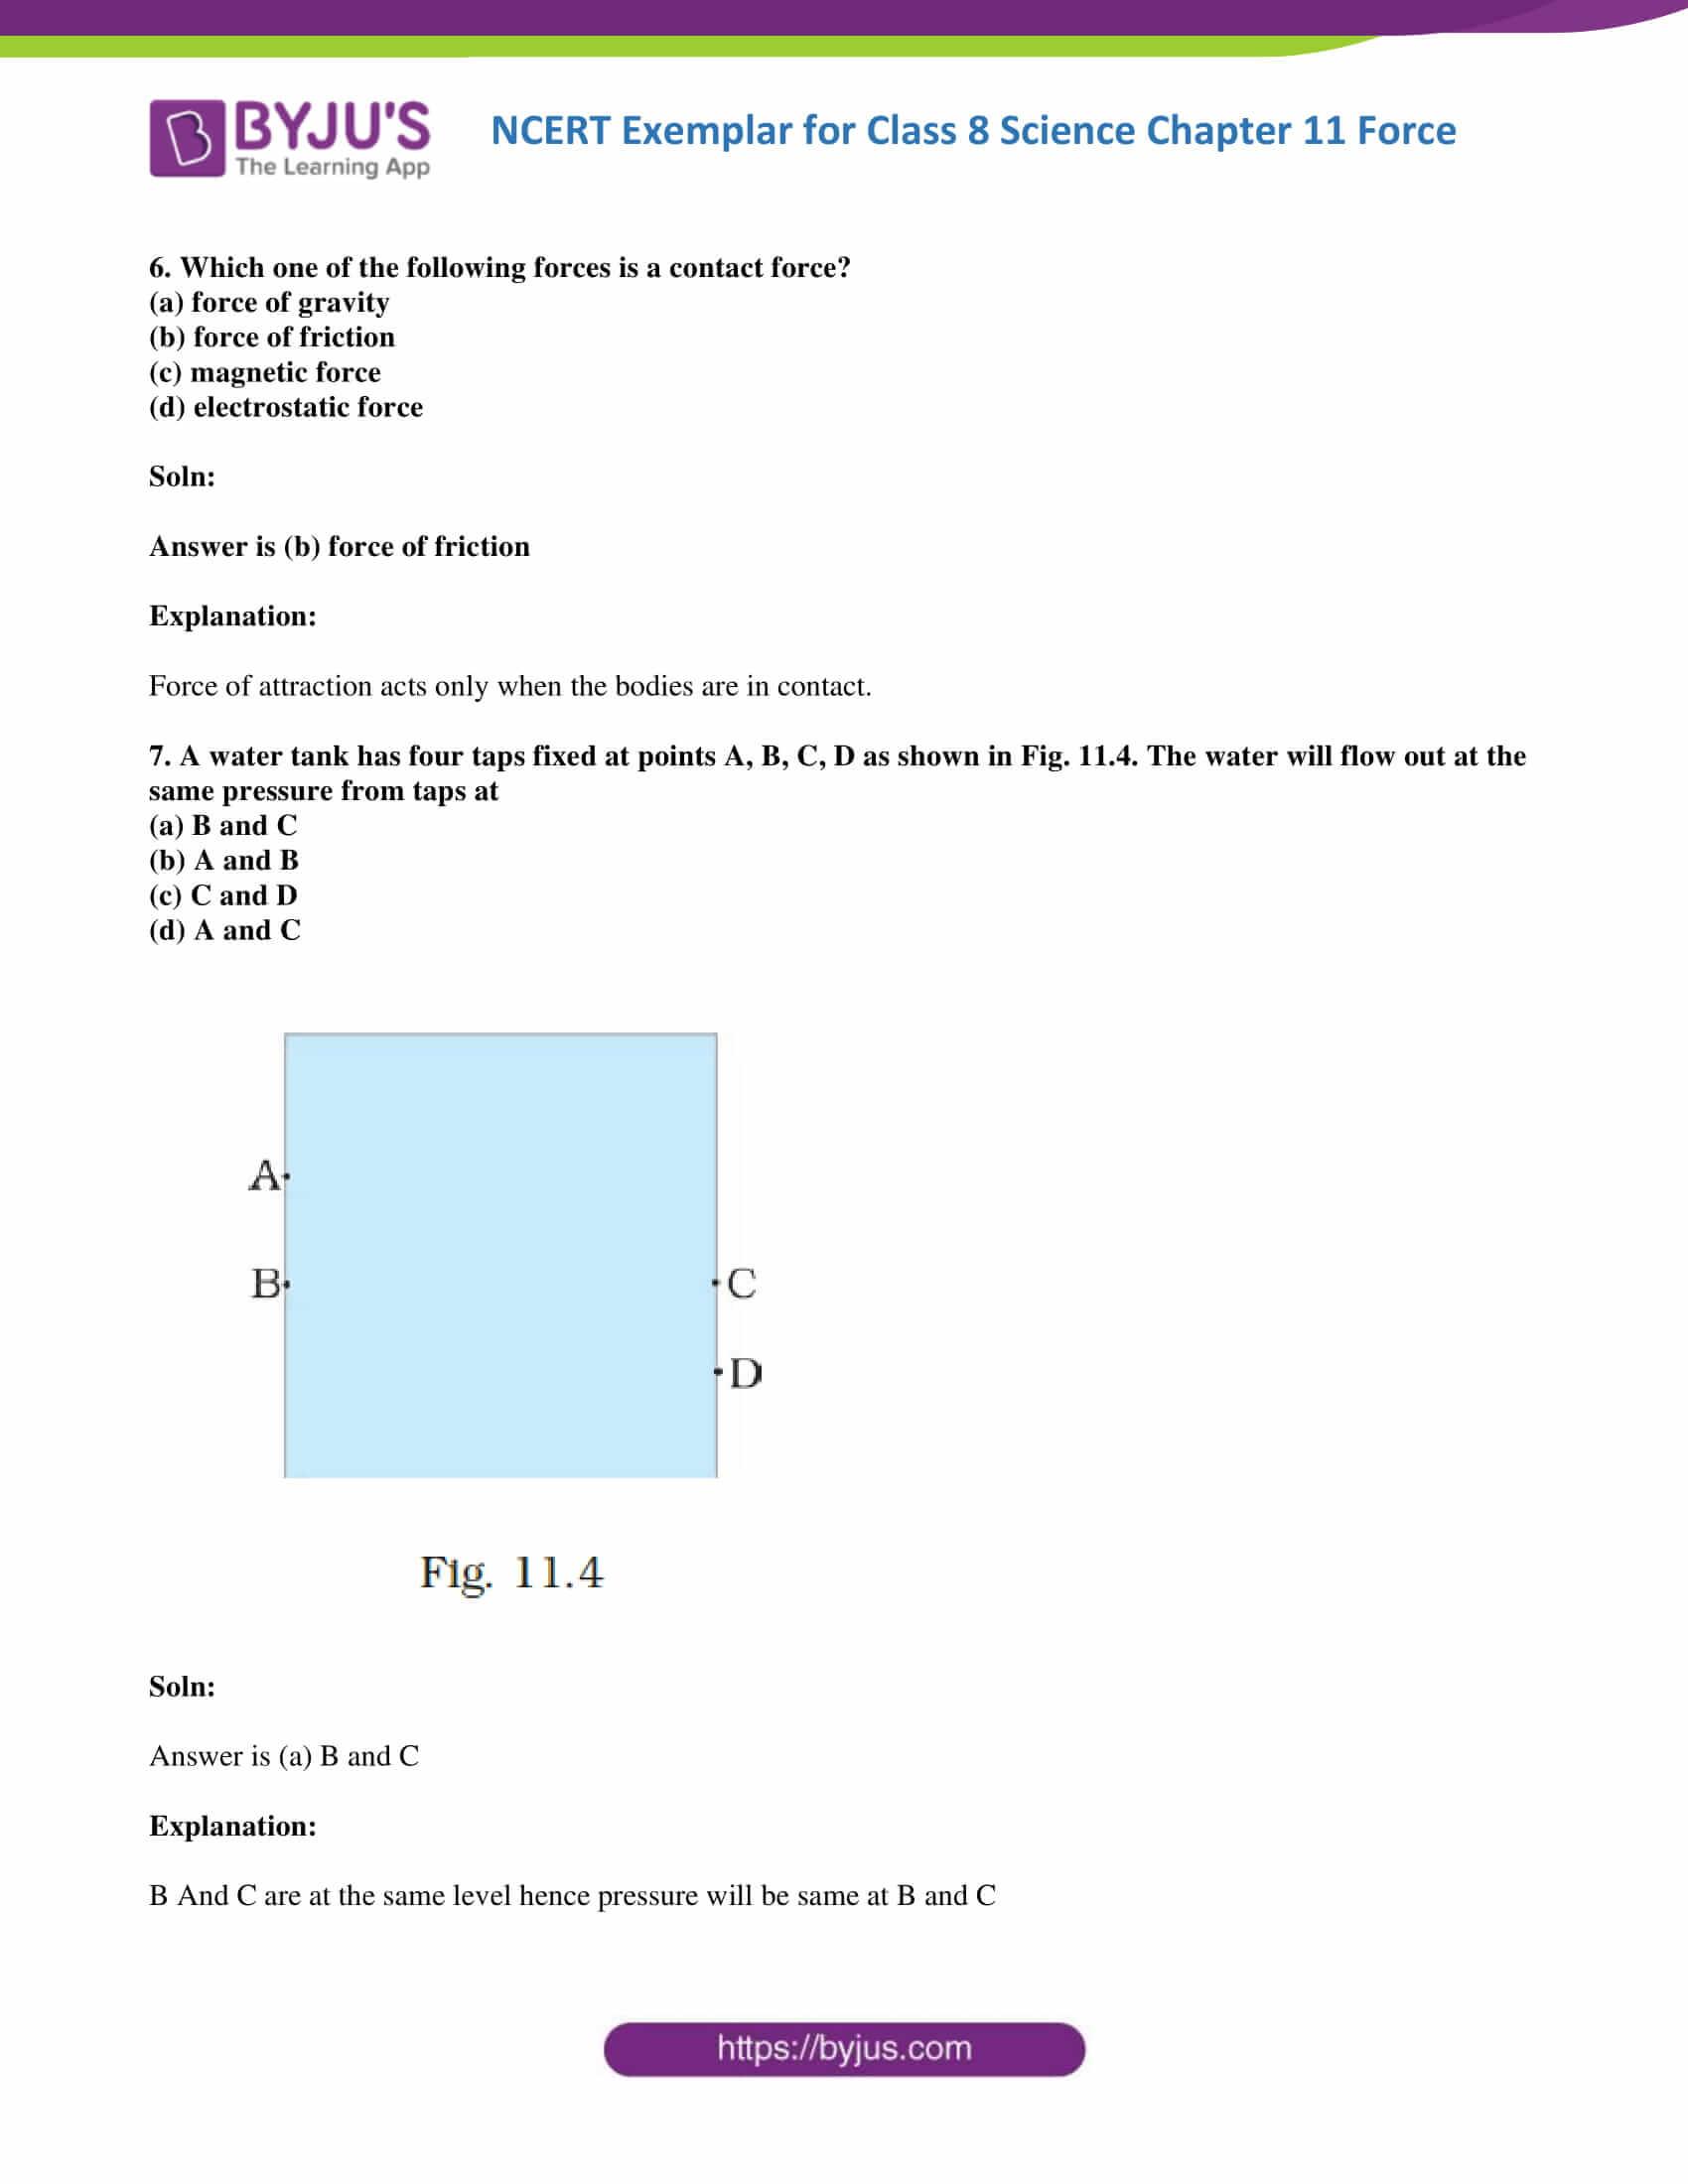 NCERT Exemplar solution class 8 Science Chapter 11 part 04